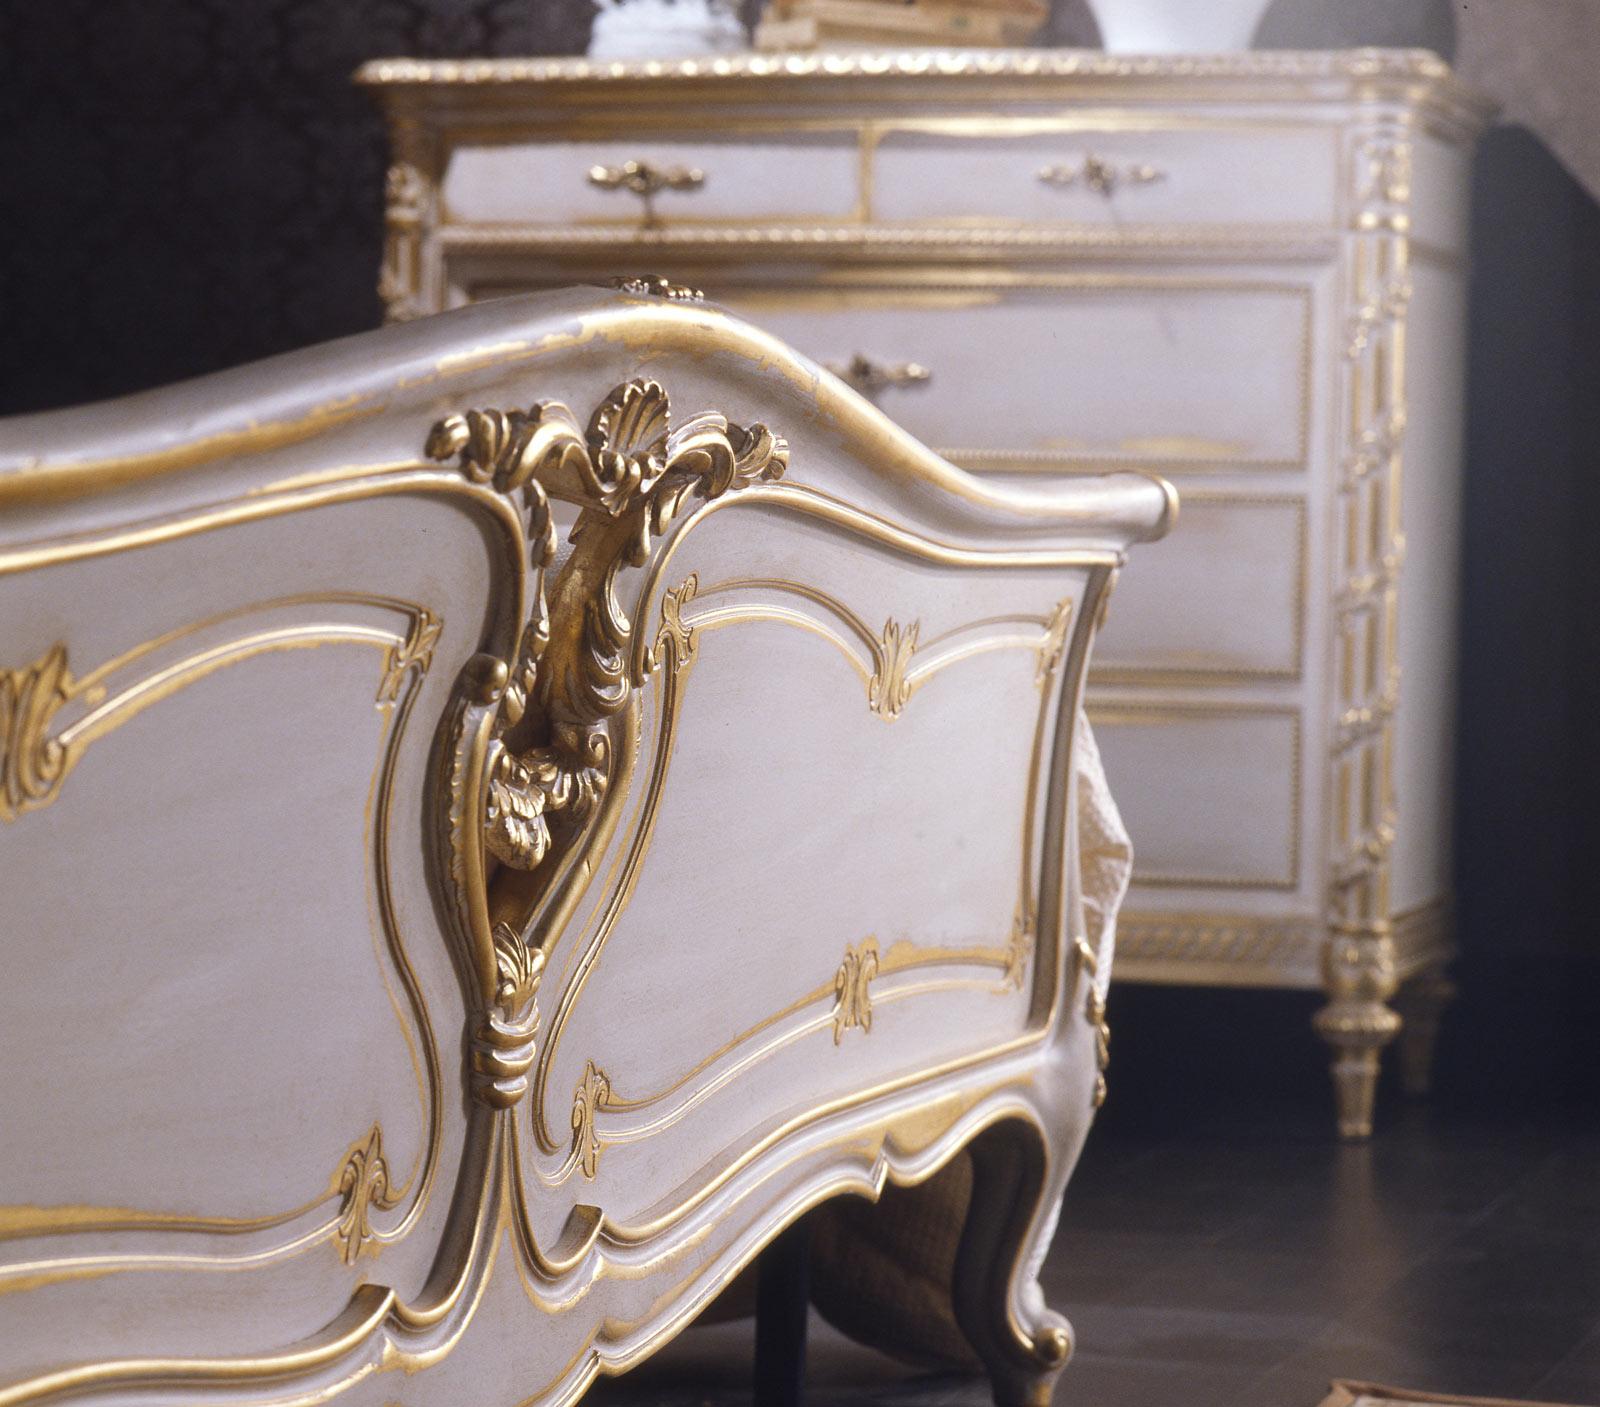 Camera da letto classica in stile Luigi XVI, letto e comò intagliati in legno bianco su oro ...